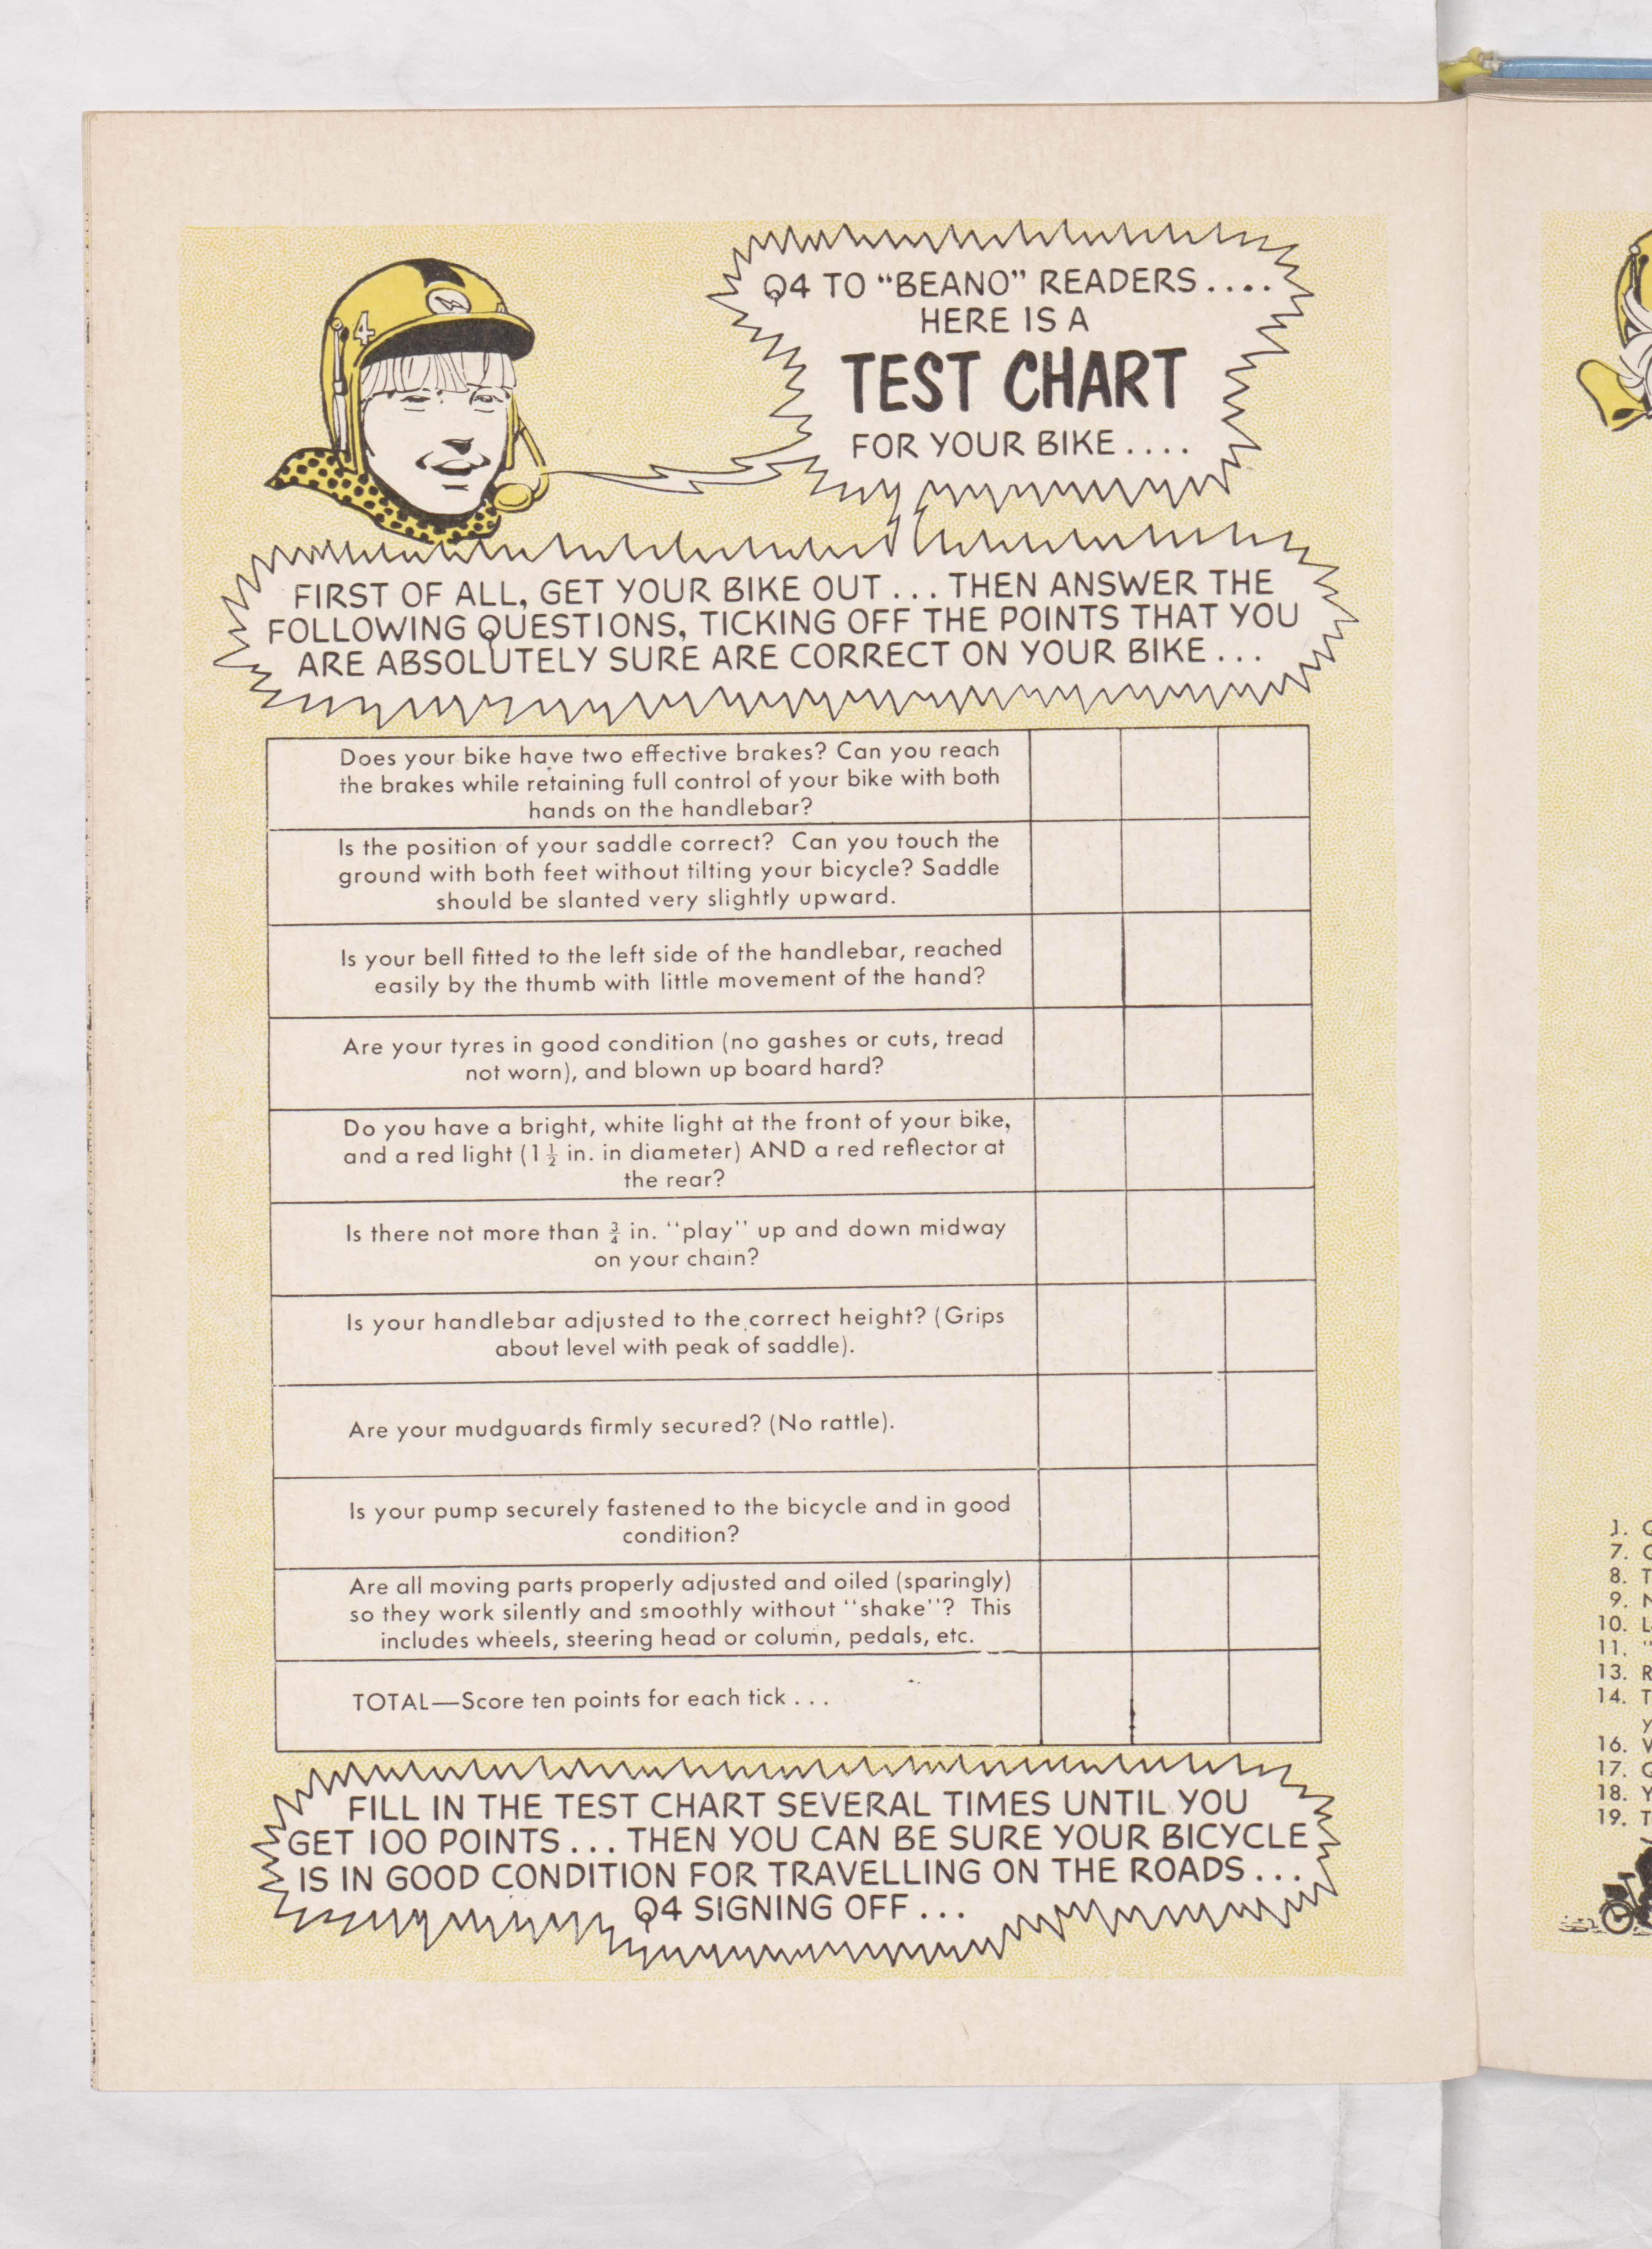 Beano Book 1970 - Q-Bikes - Page 14 checklist